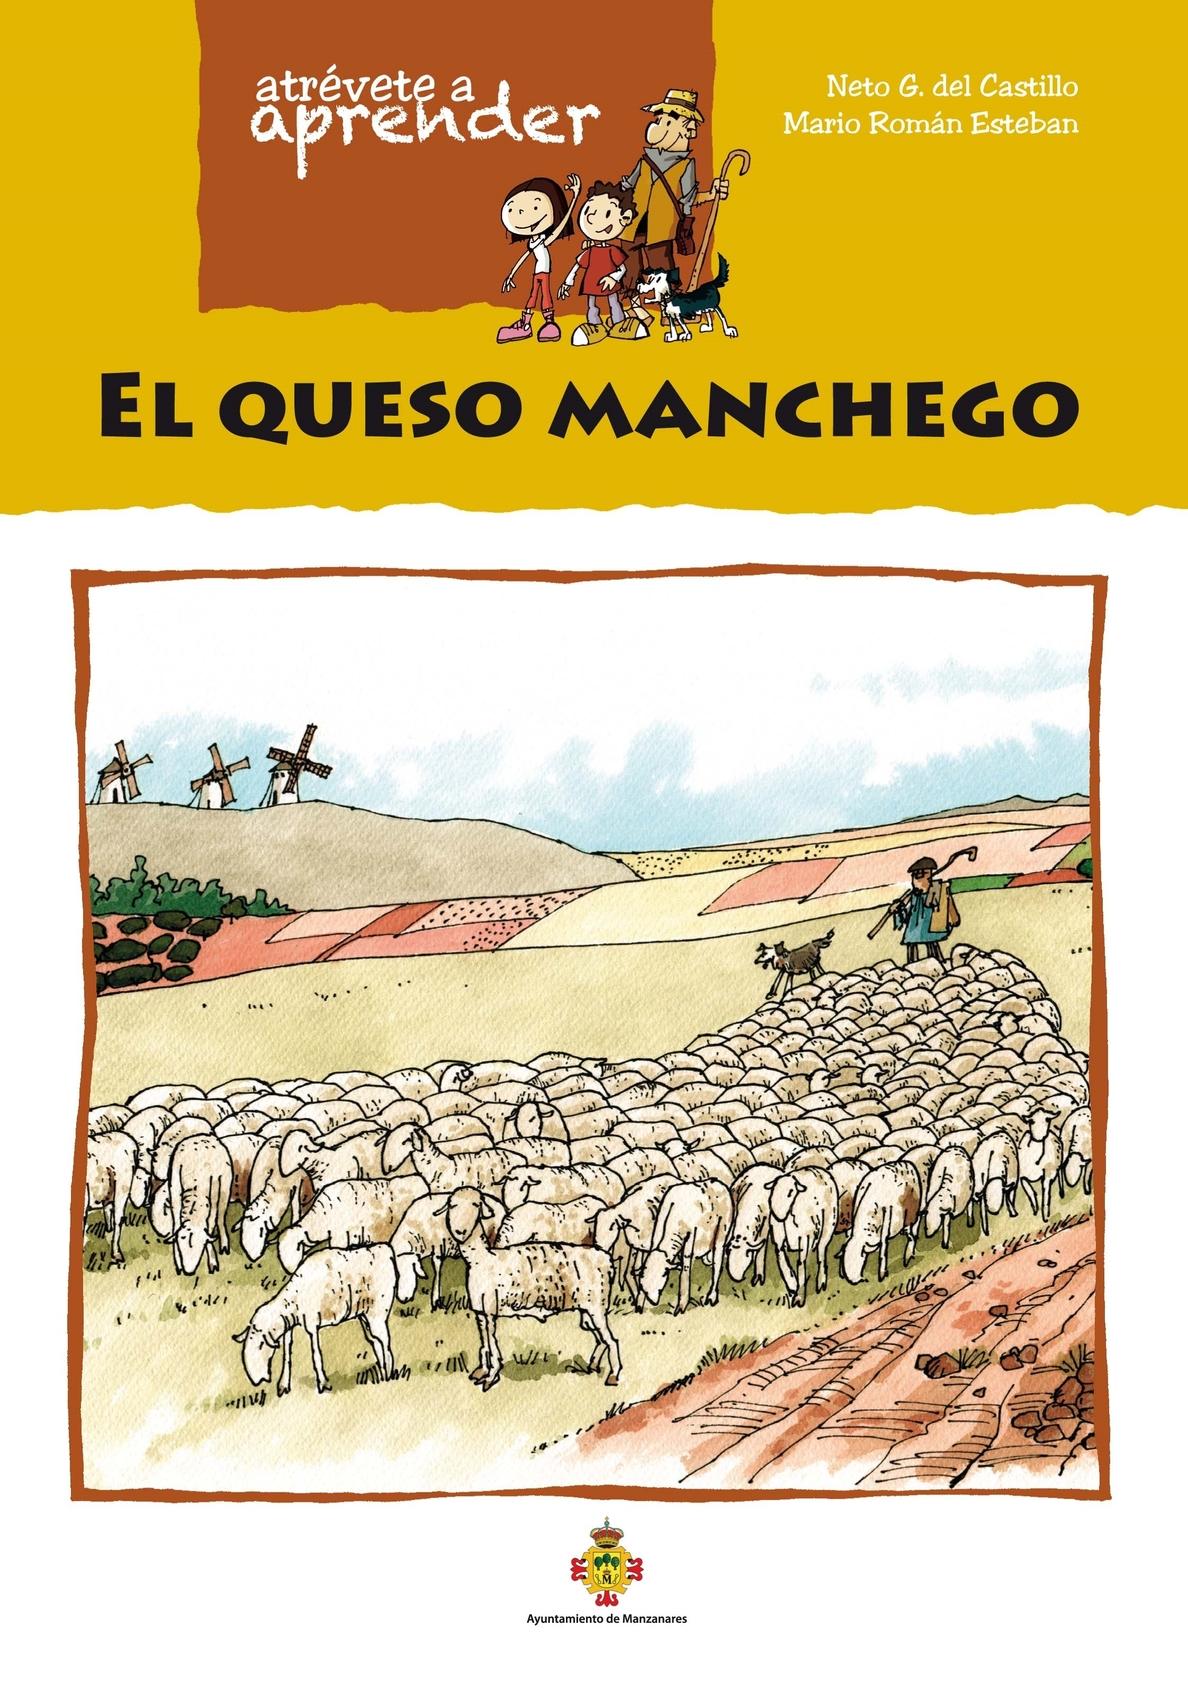 El Museo del Queso Manchego envía a la princesa Leonor y la infanta Sofía un cómic para que conozcan este producto